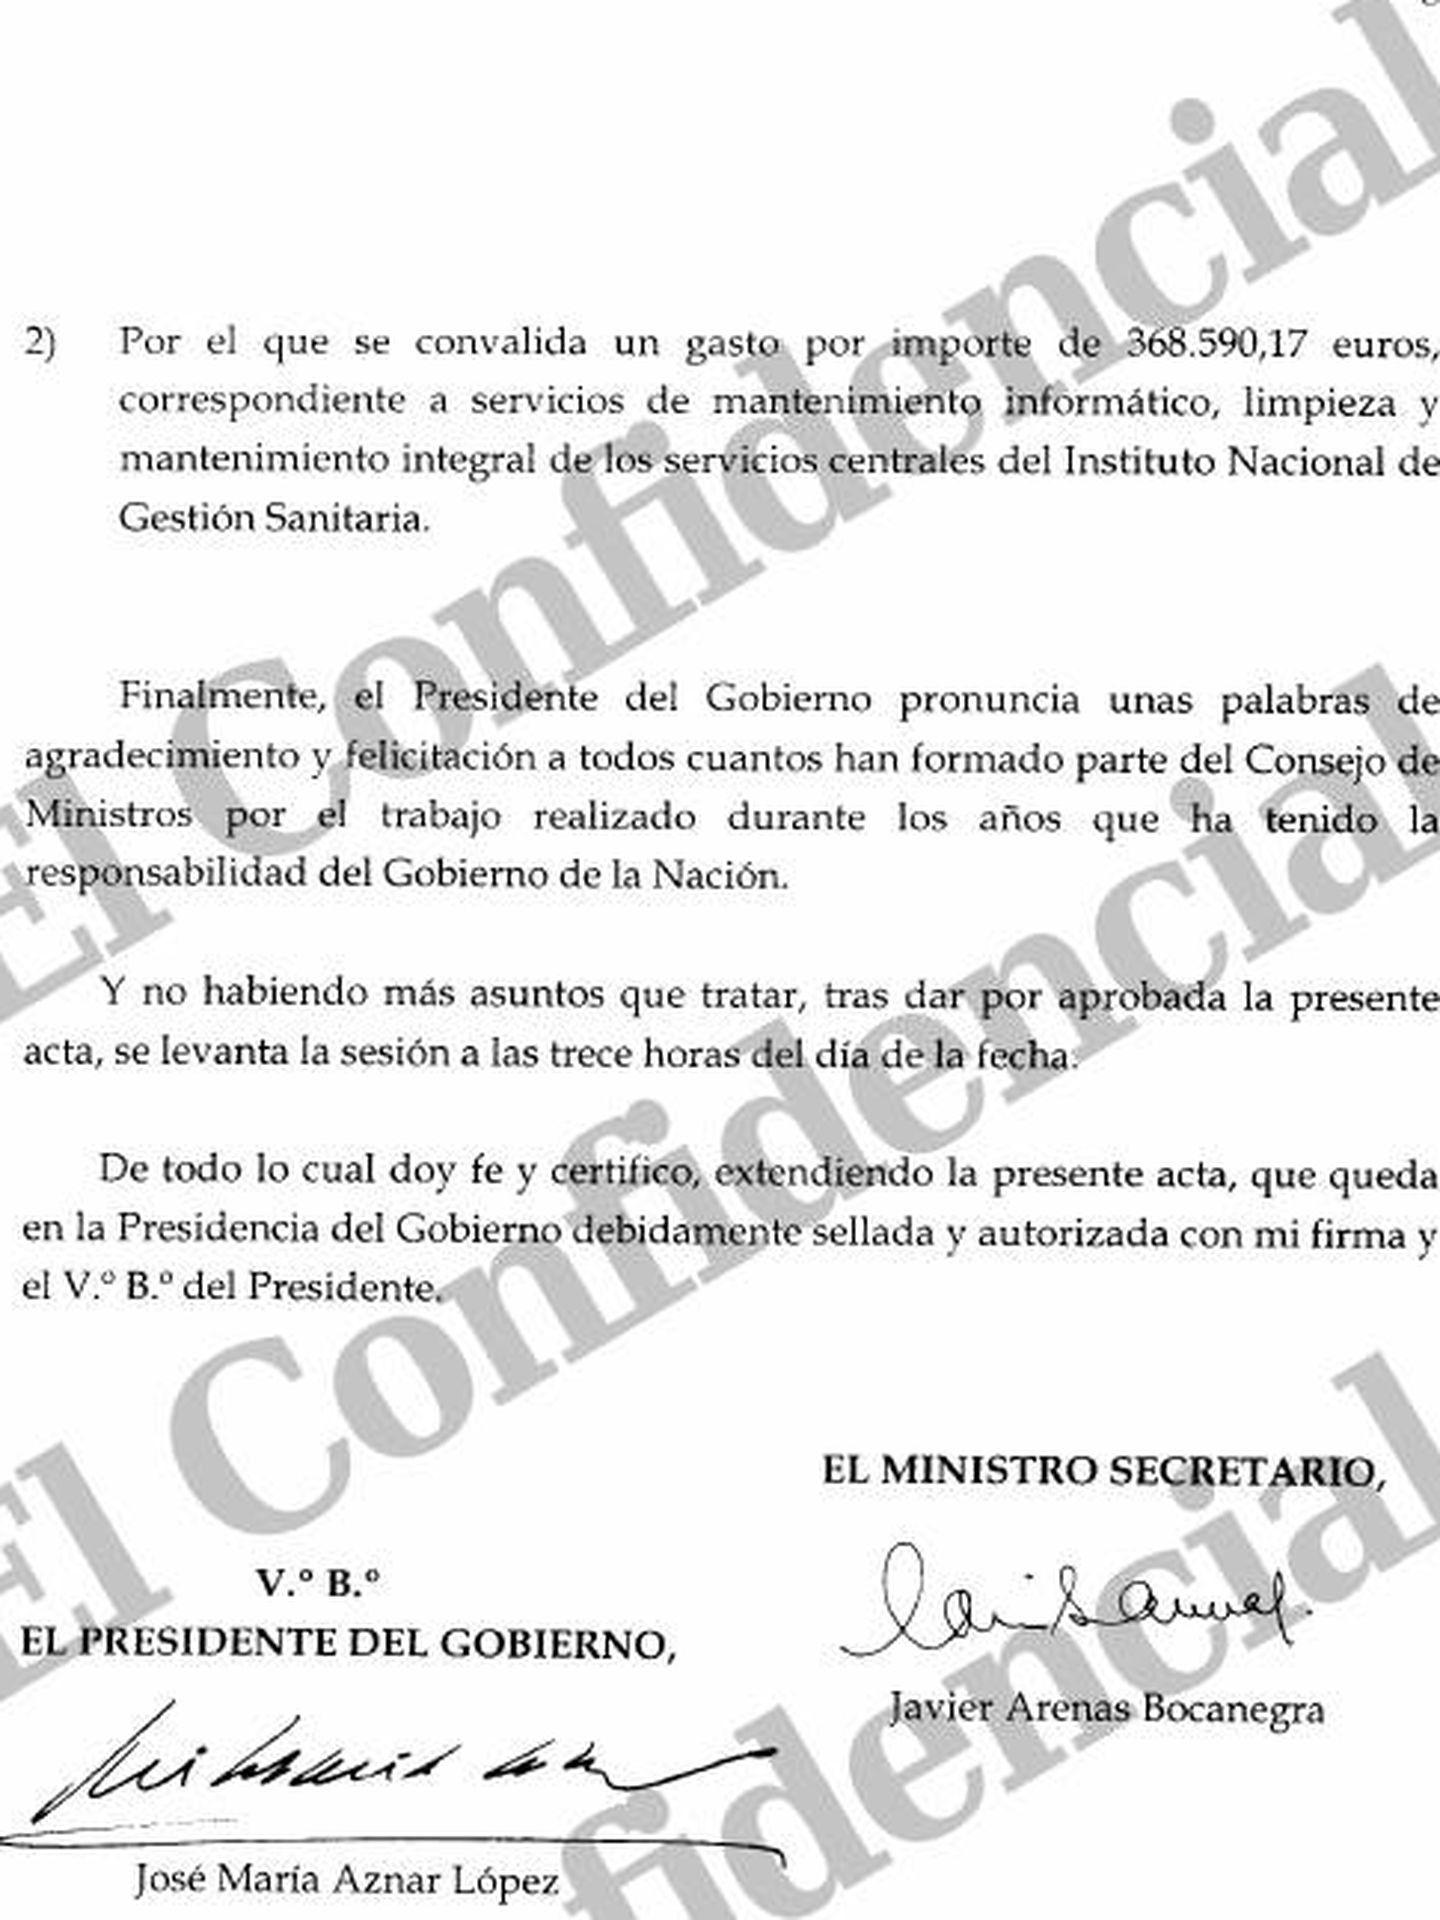 Pinche en la imagen para leer el acta completa del último Consejo de Ministros presidido por Aznar.